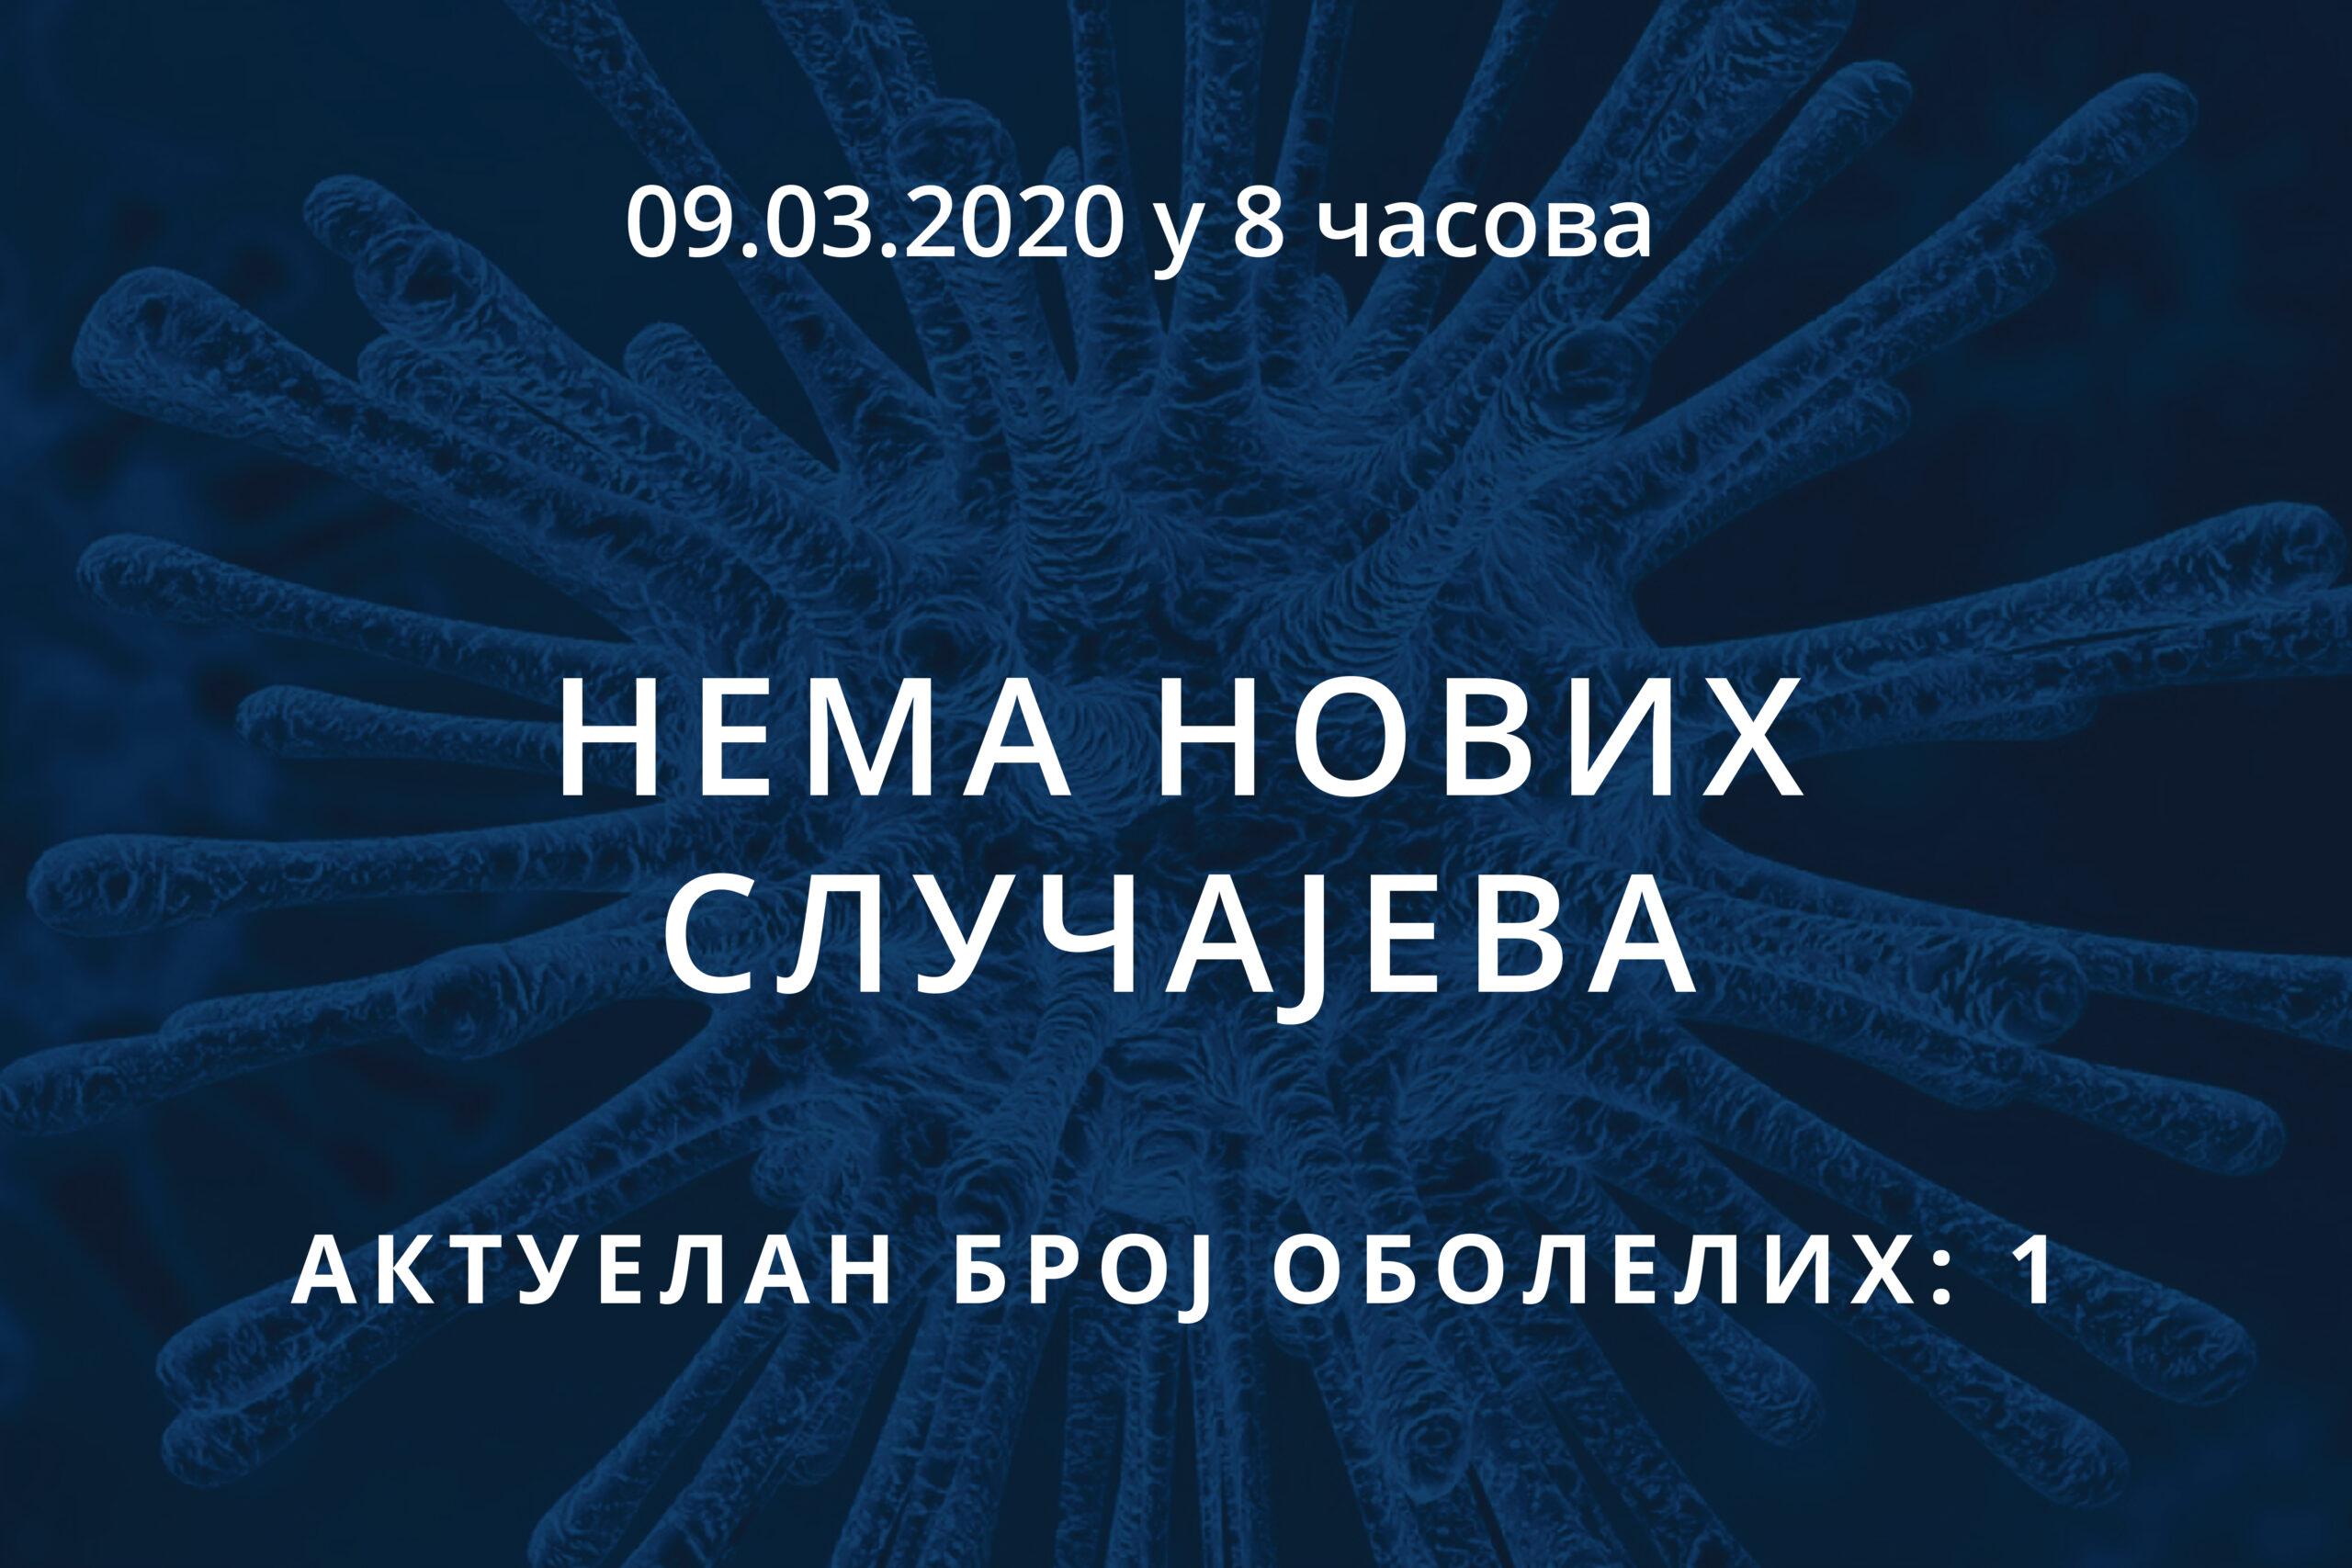 Информације о корона вирусу COVID-19, 09.03.2020 у 8 часова